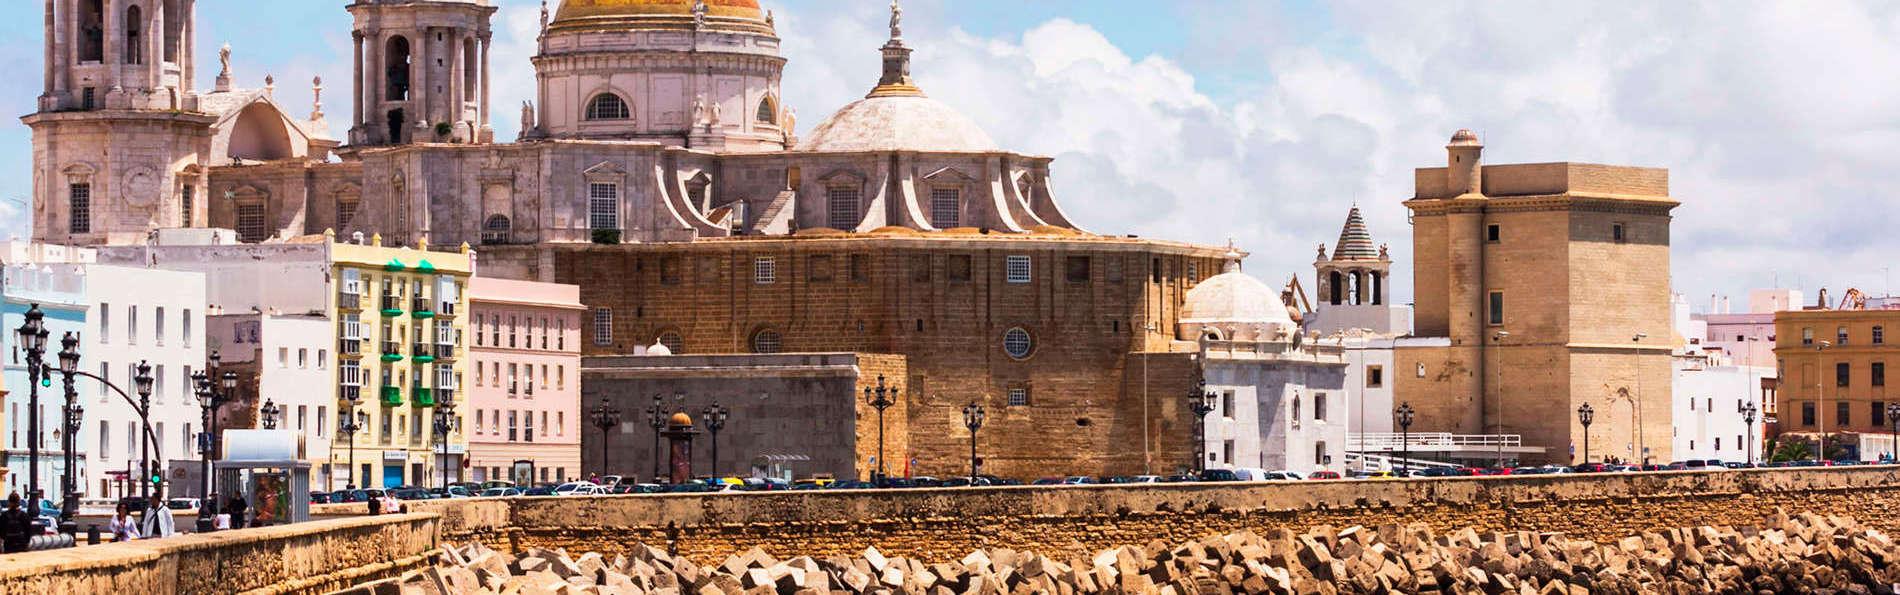 El Armador Casa Palacio - edit_Cadiz_2.jpg